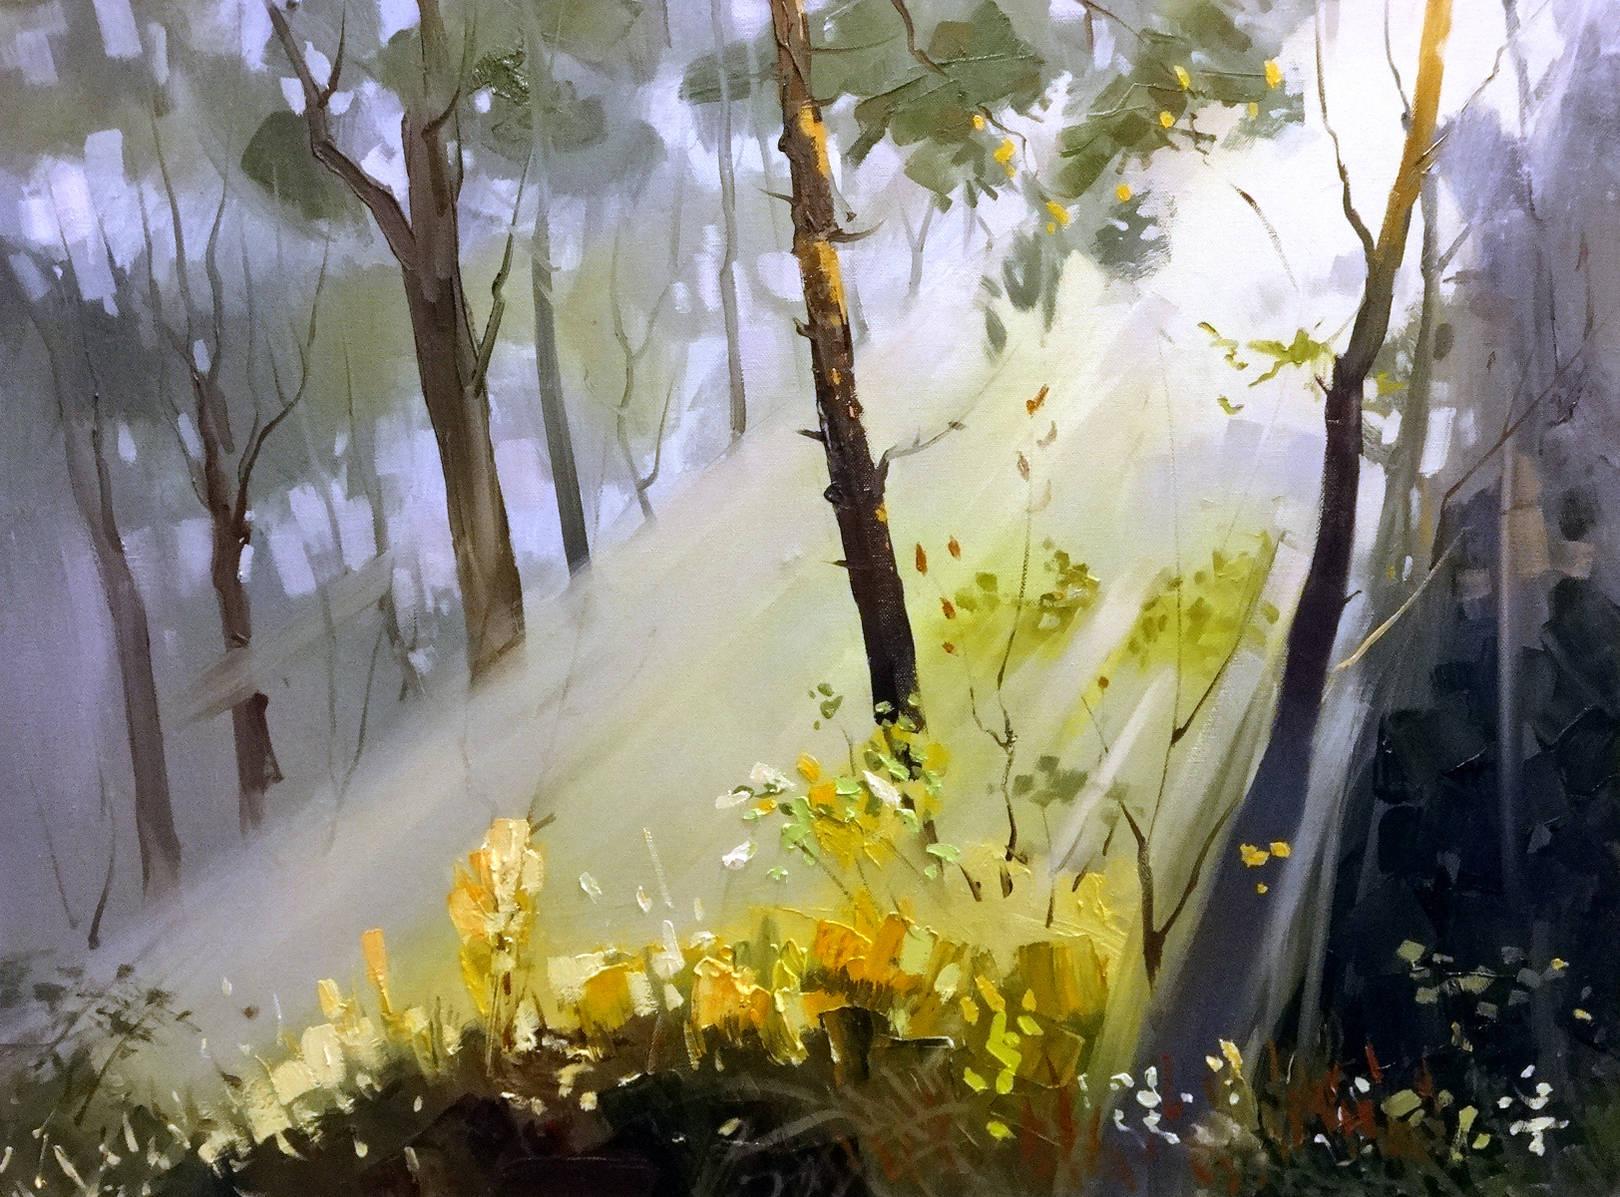 ,,Солнечный день в лесу,,холст,масло,60*80 см.Мой мастер-класс ученикам студии.